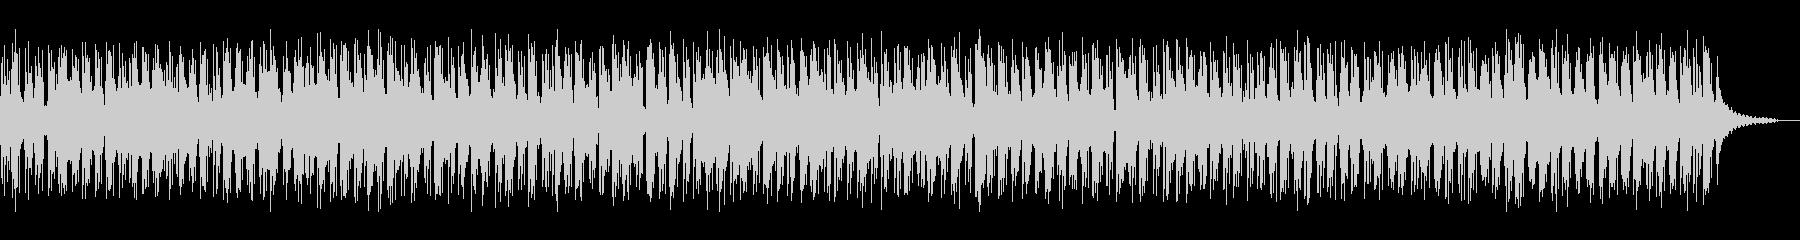 サックス中心のリラックスチルアウトR&Bの未再生の波形